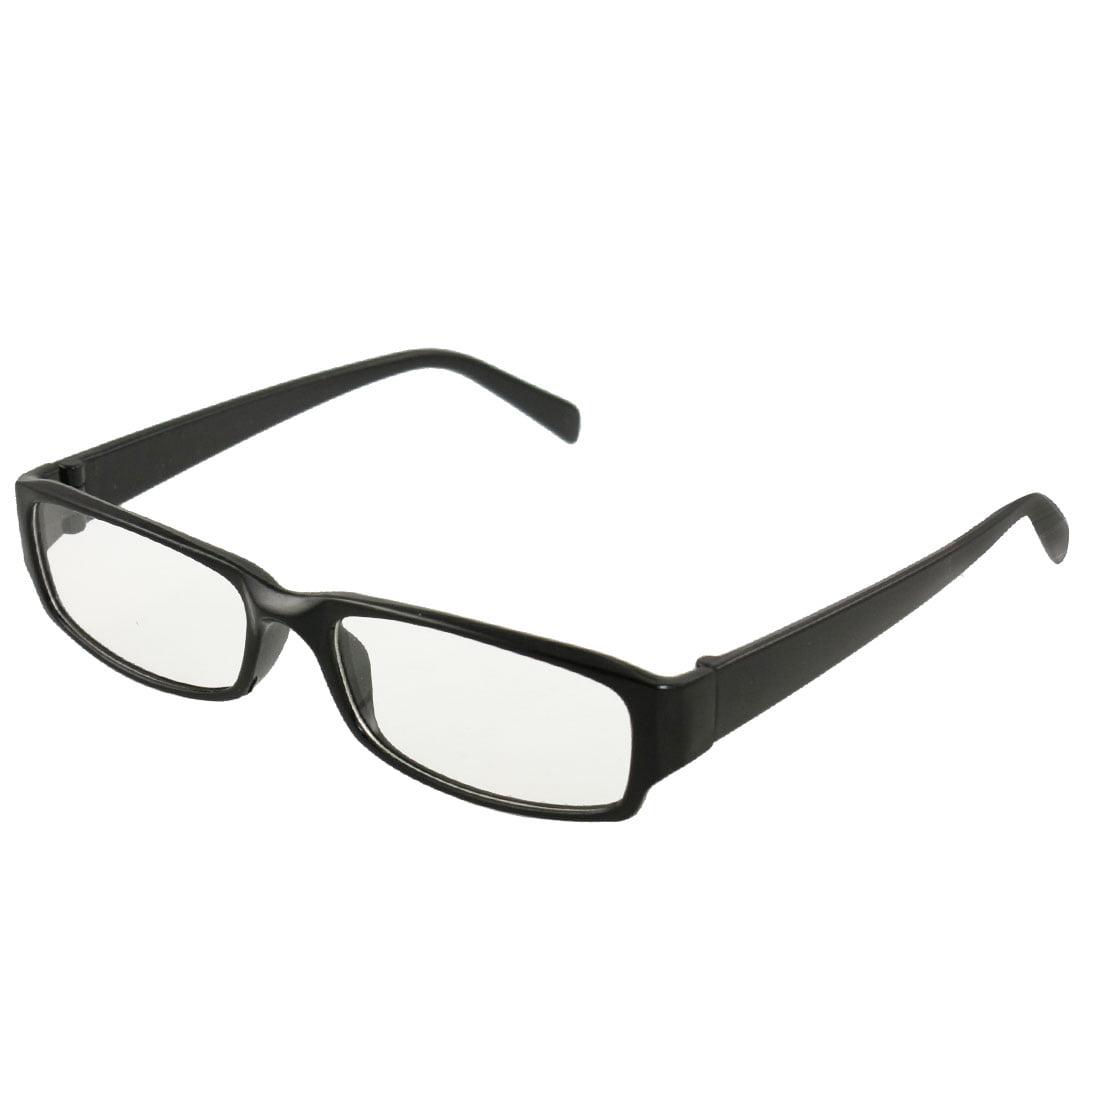 11f5f0b40be Glasses   Eyewear in Canada